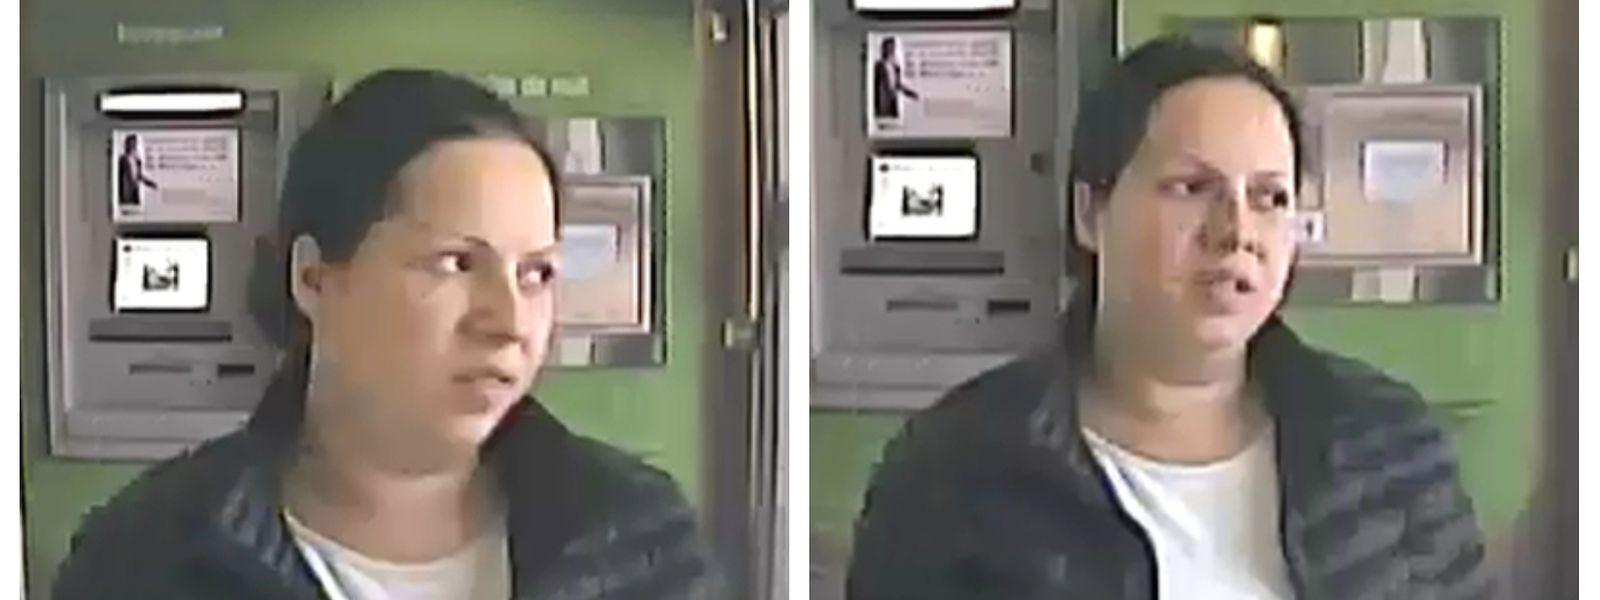 Fotos von der Überwachungskamera einer Bank in der Avenue de la Liberté.